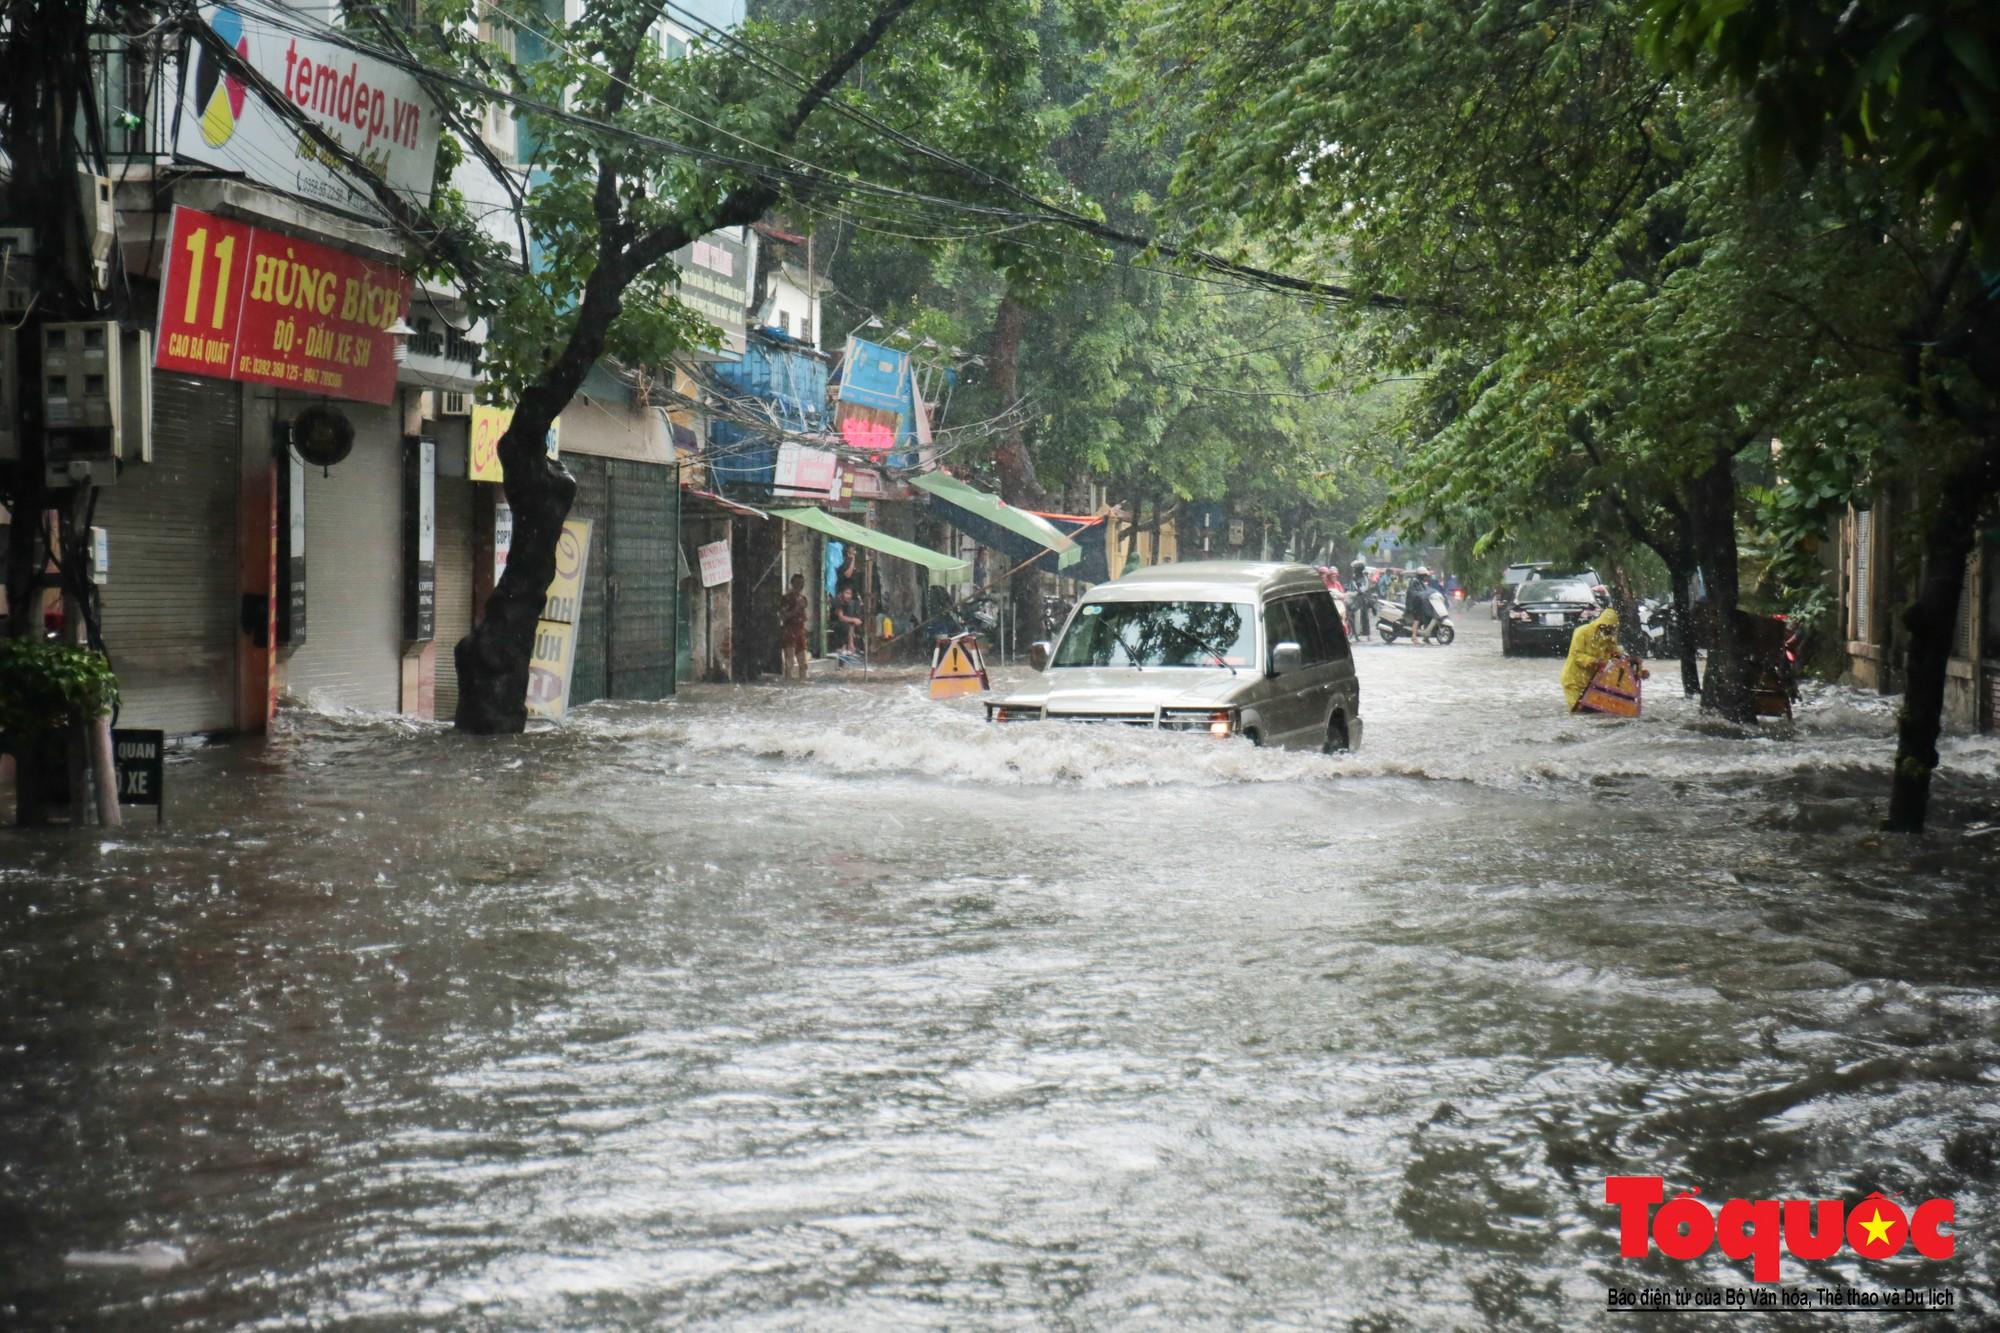 Hà Nội mưa lớn, xế hộp tập bơi qua tuyến phố ngâp nước (14)